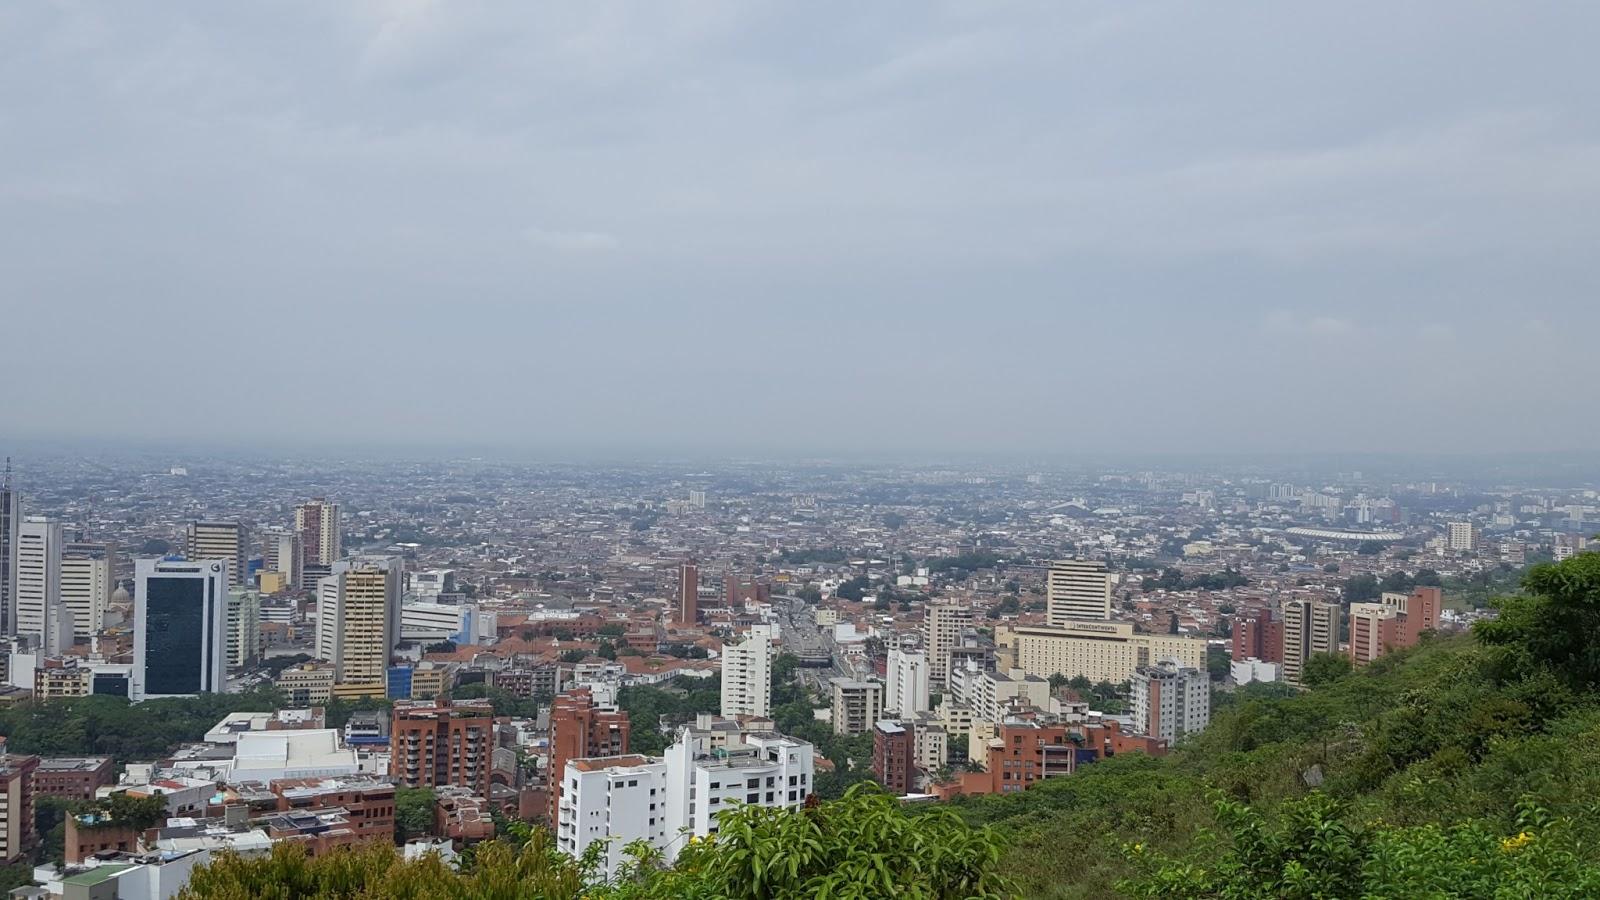 Cali | Cidade da Colômbia